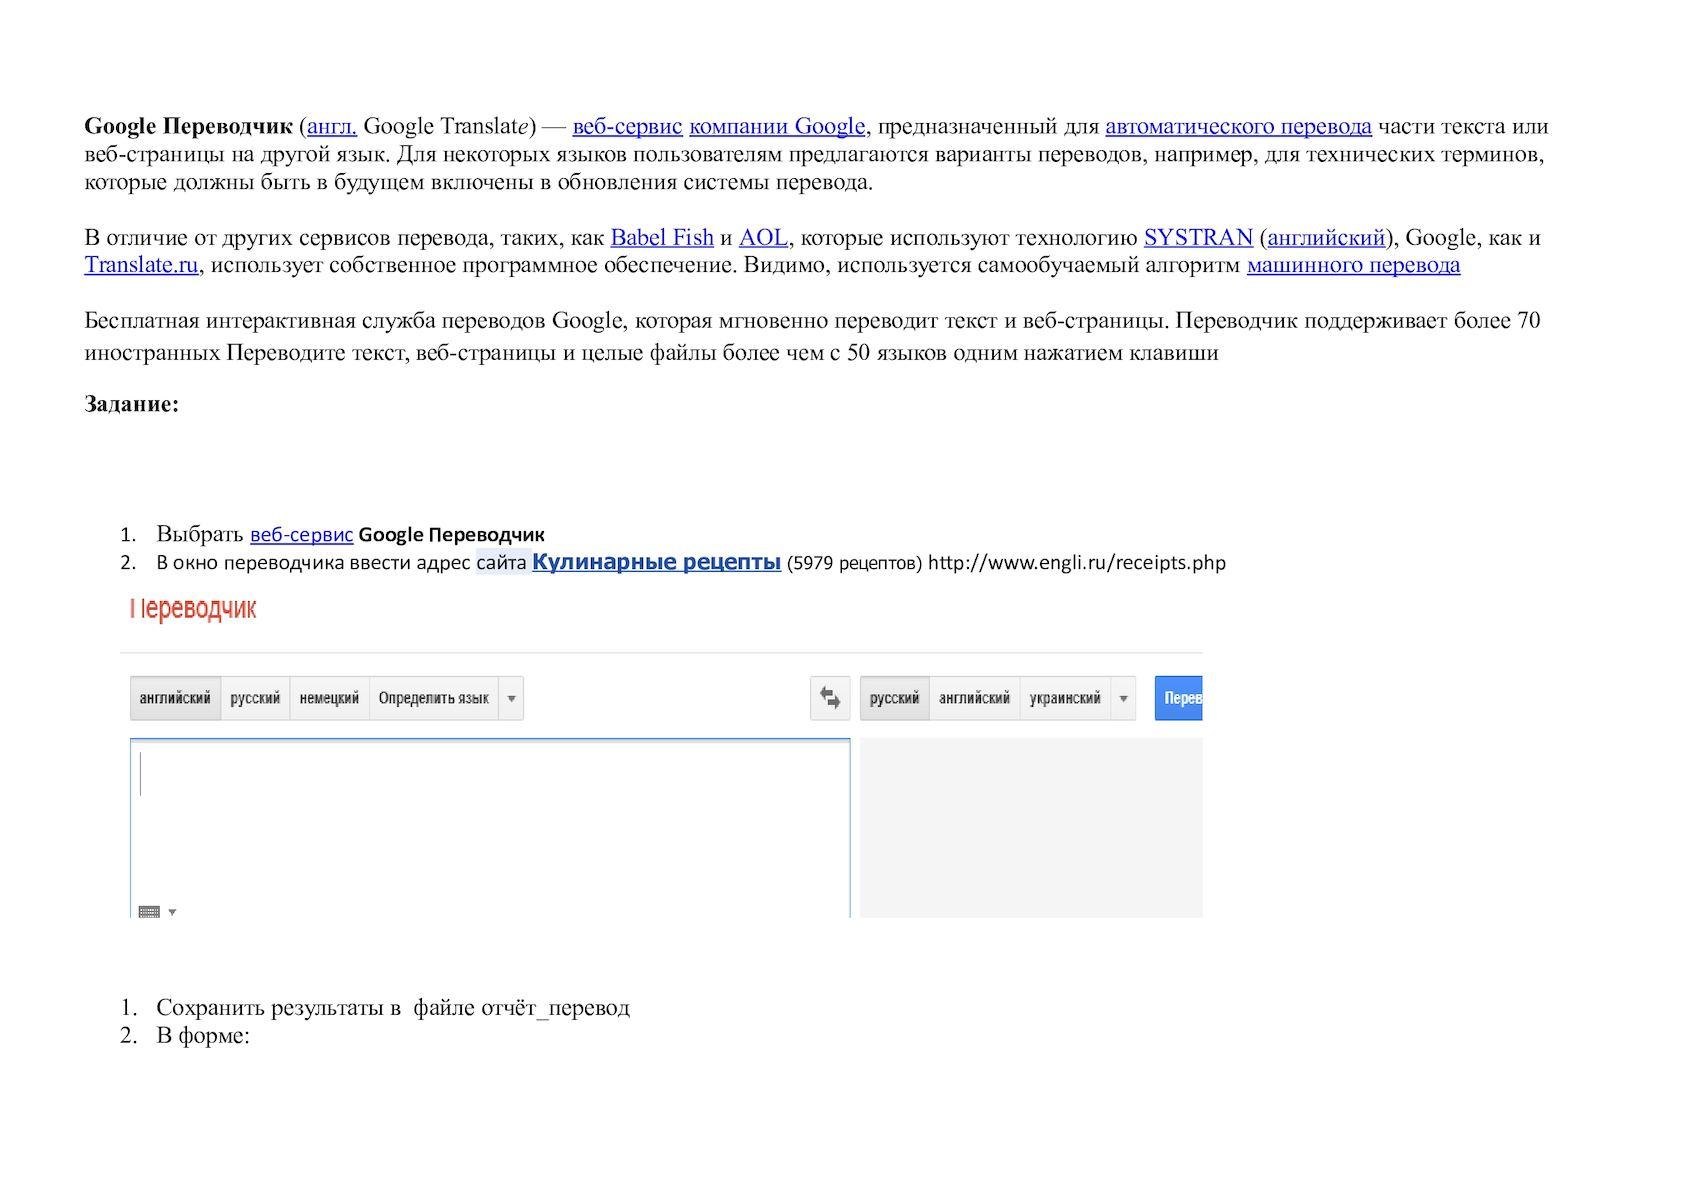 Перевод веб-страниц и изменение языковых настроек Chrome 24